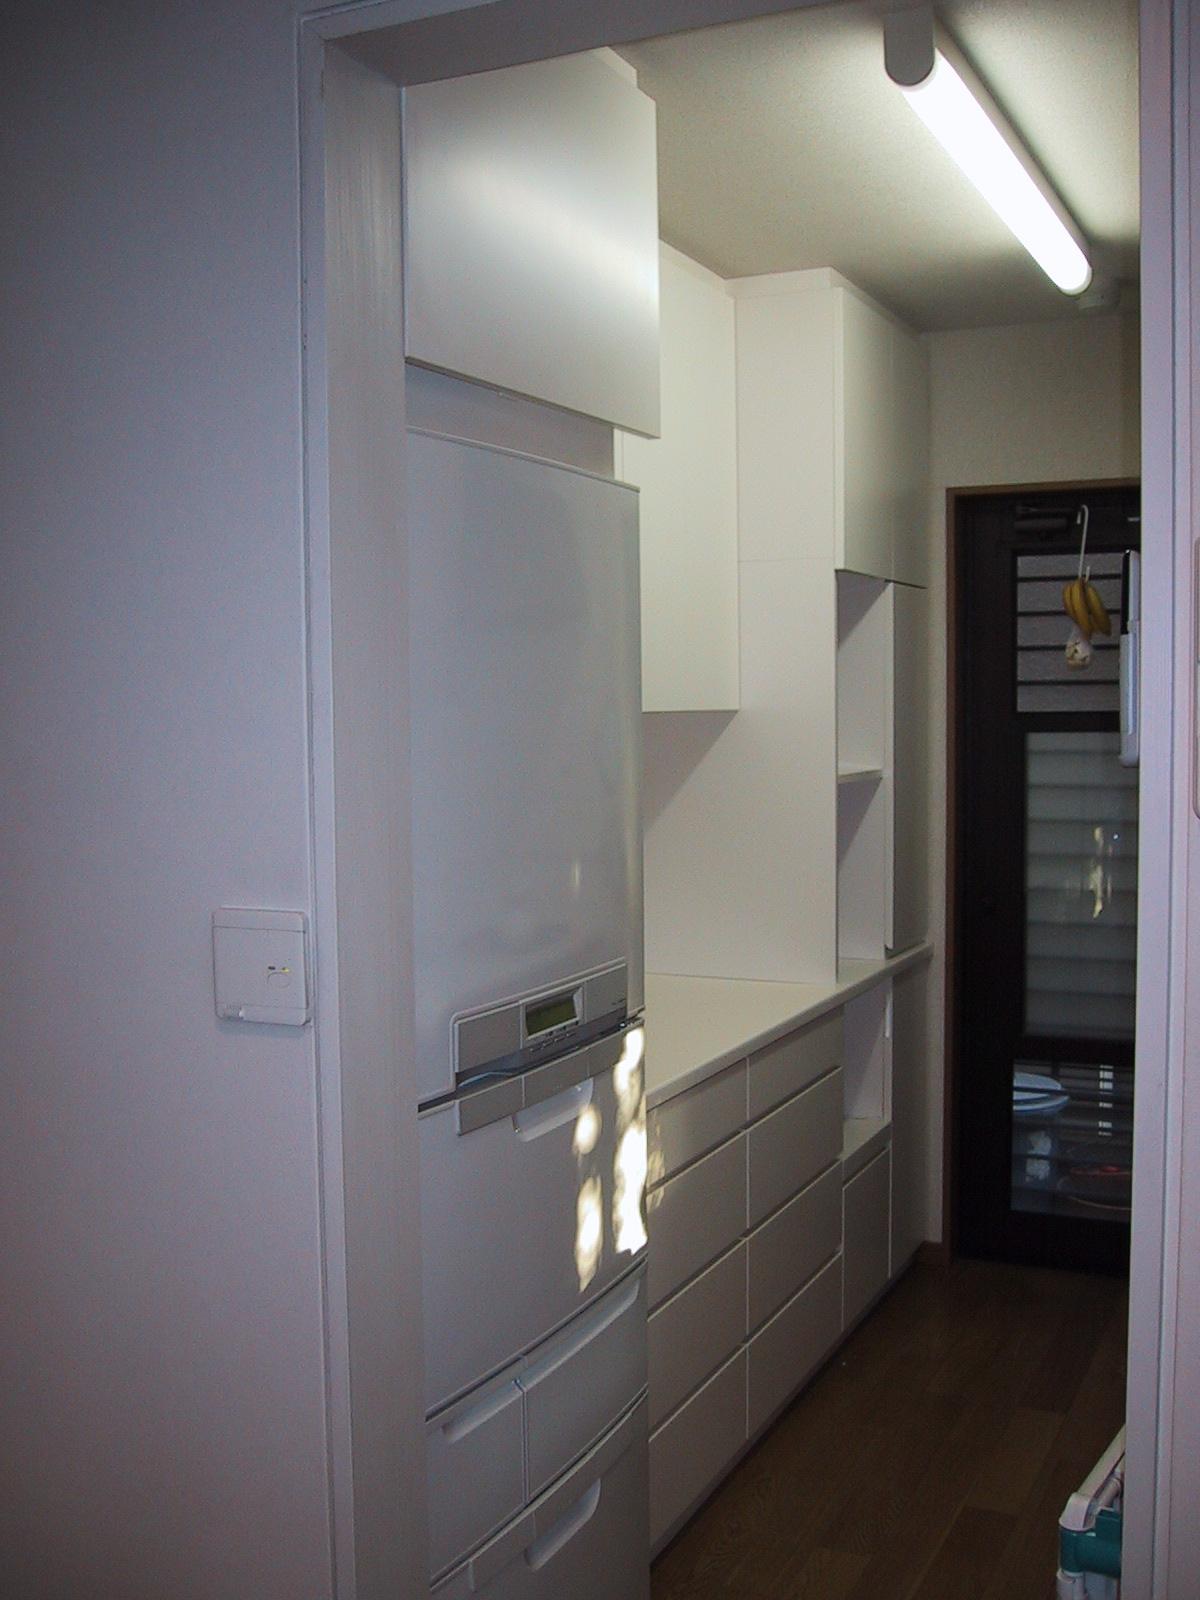 食器棚を考える。〜その2